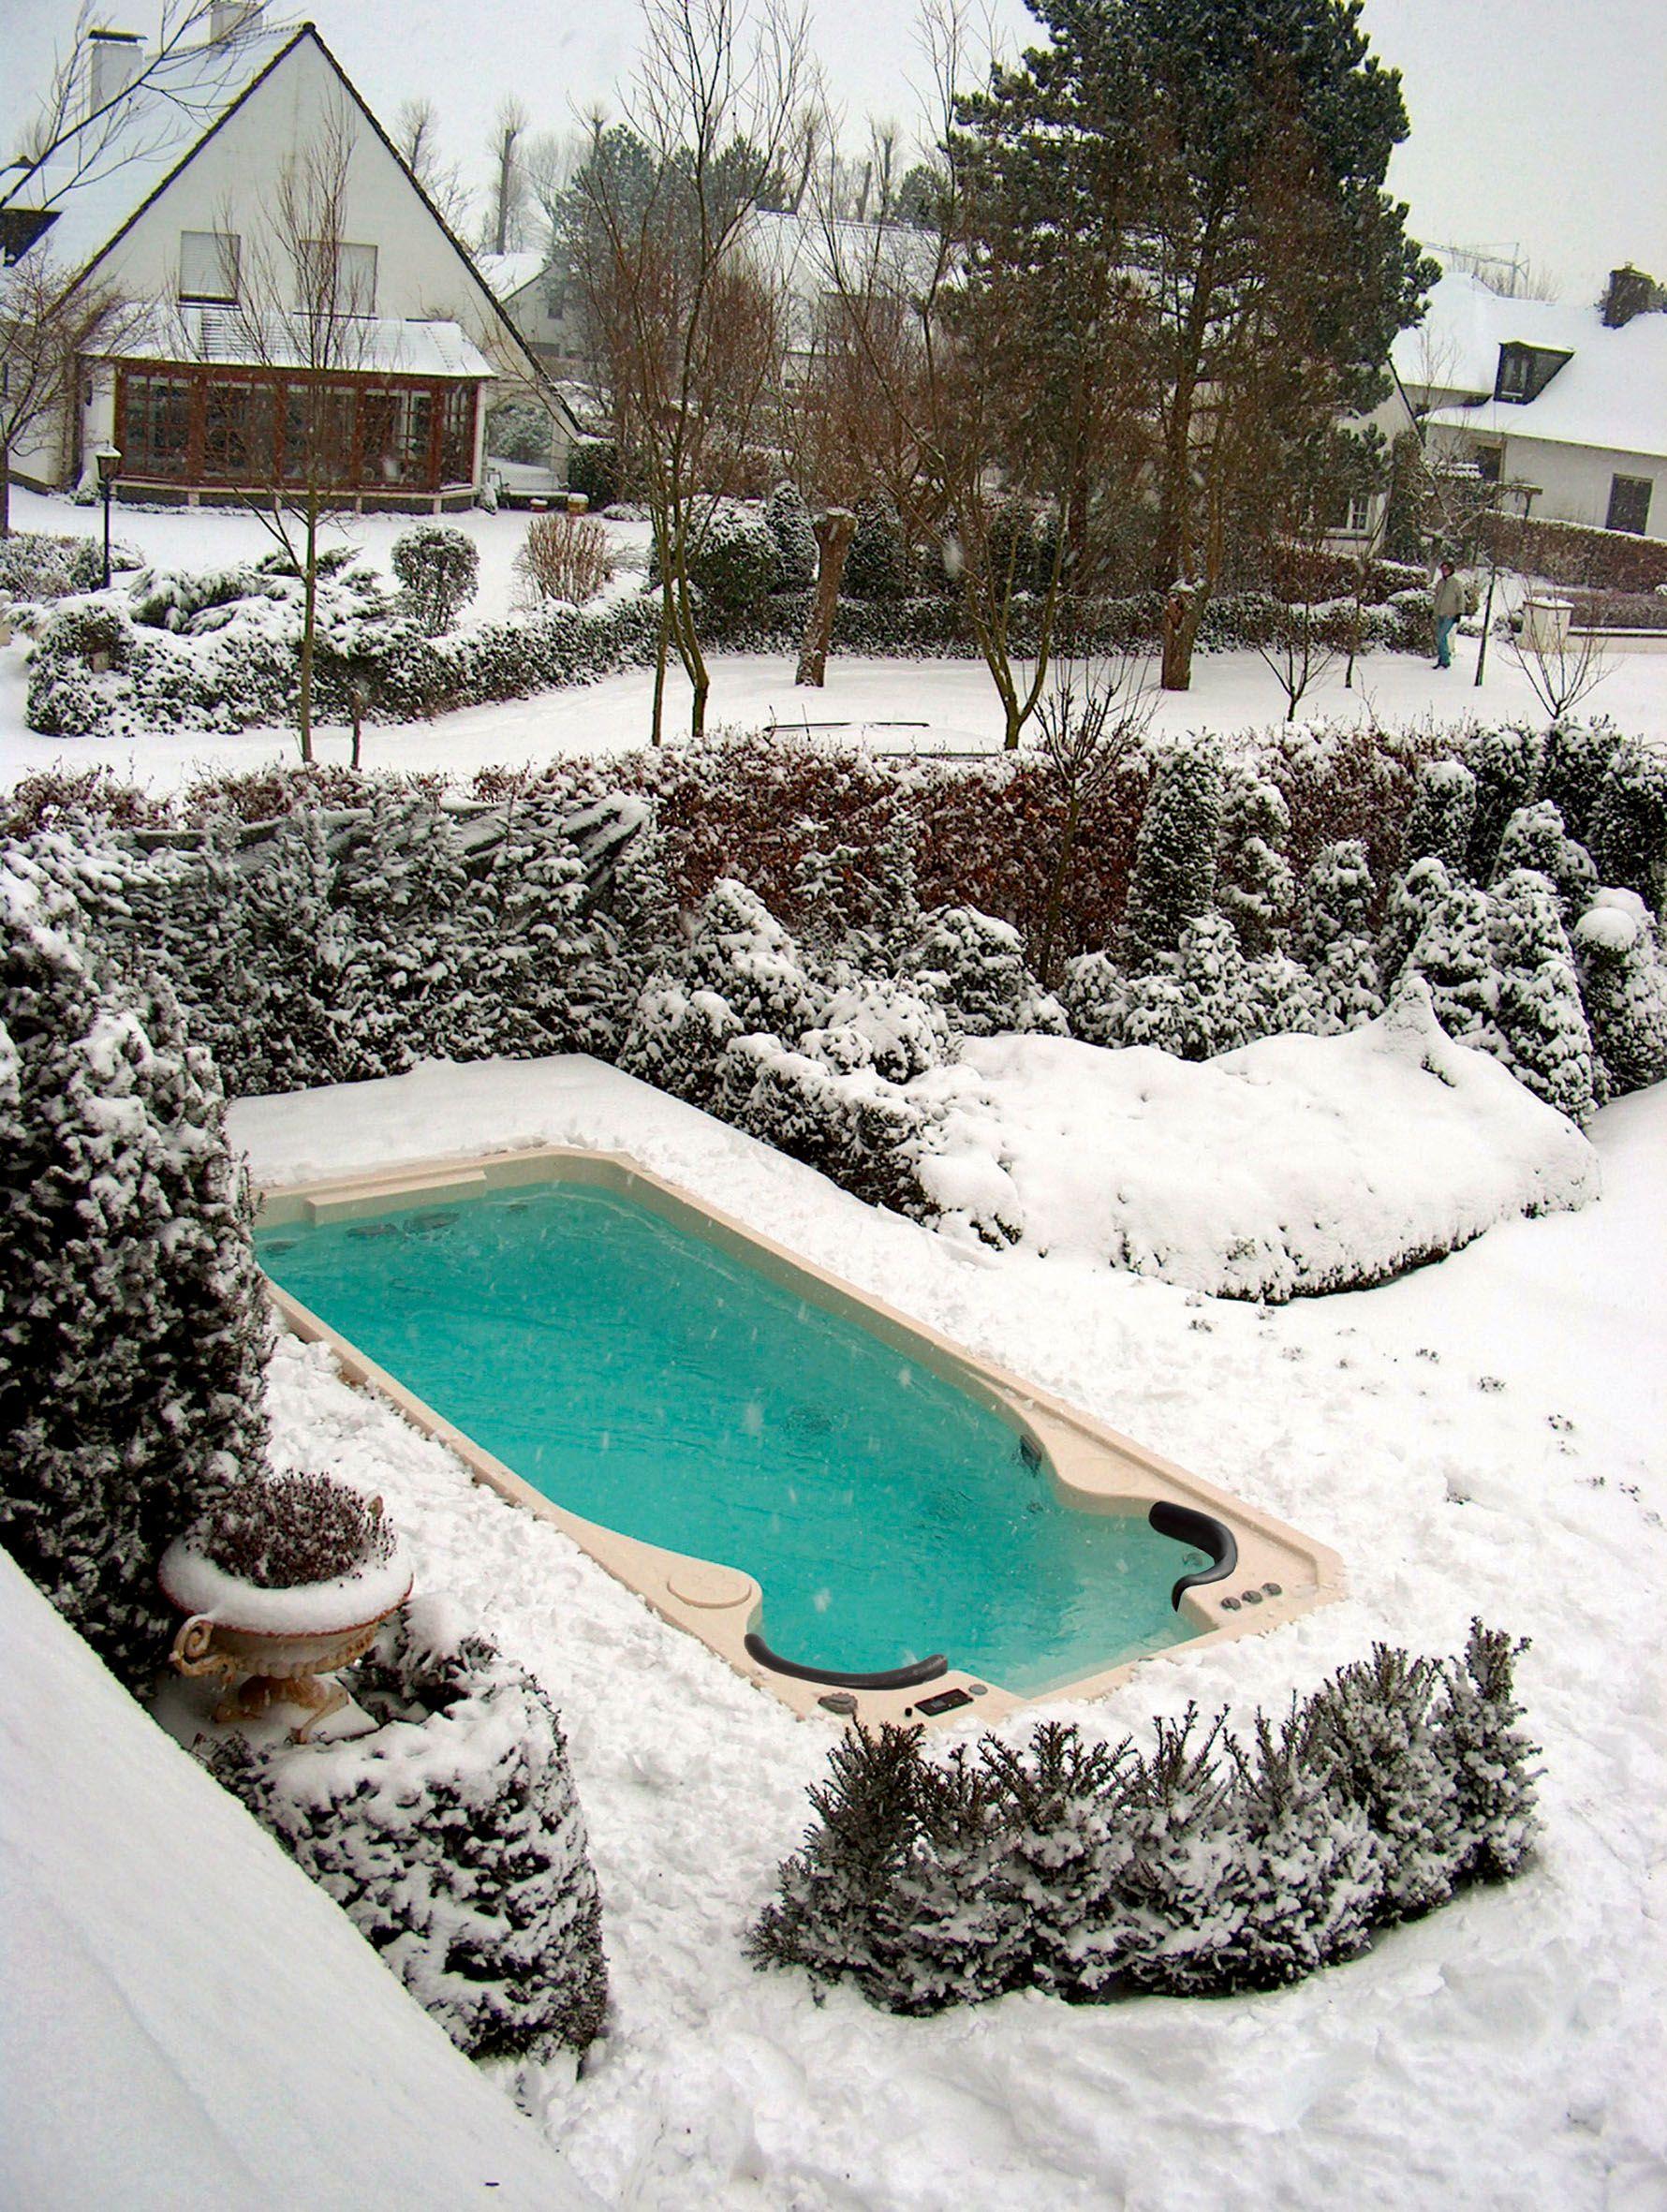 spa de nage acrylique clair azur sous la neige id e maison swimming spa et jacuzzi. Black Bedroom Furniture Sets. Home Design Ideas